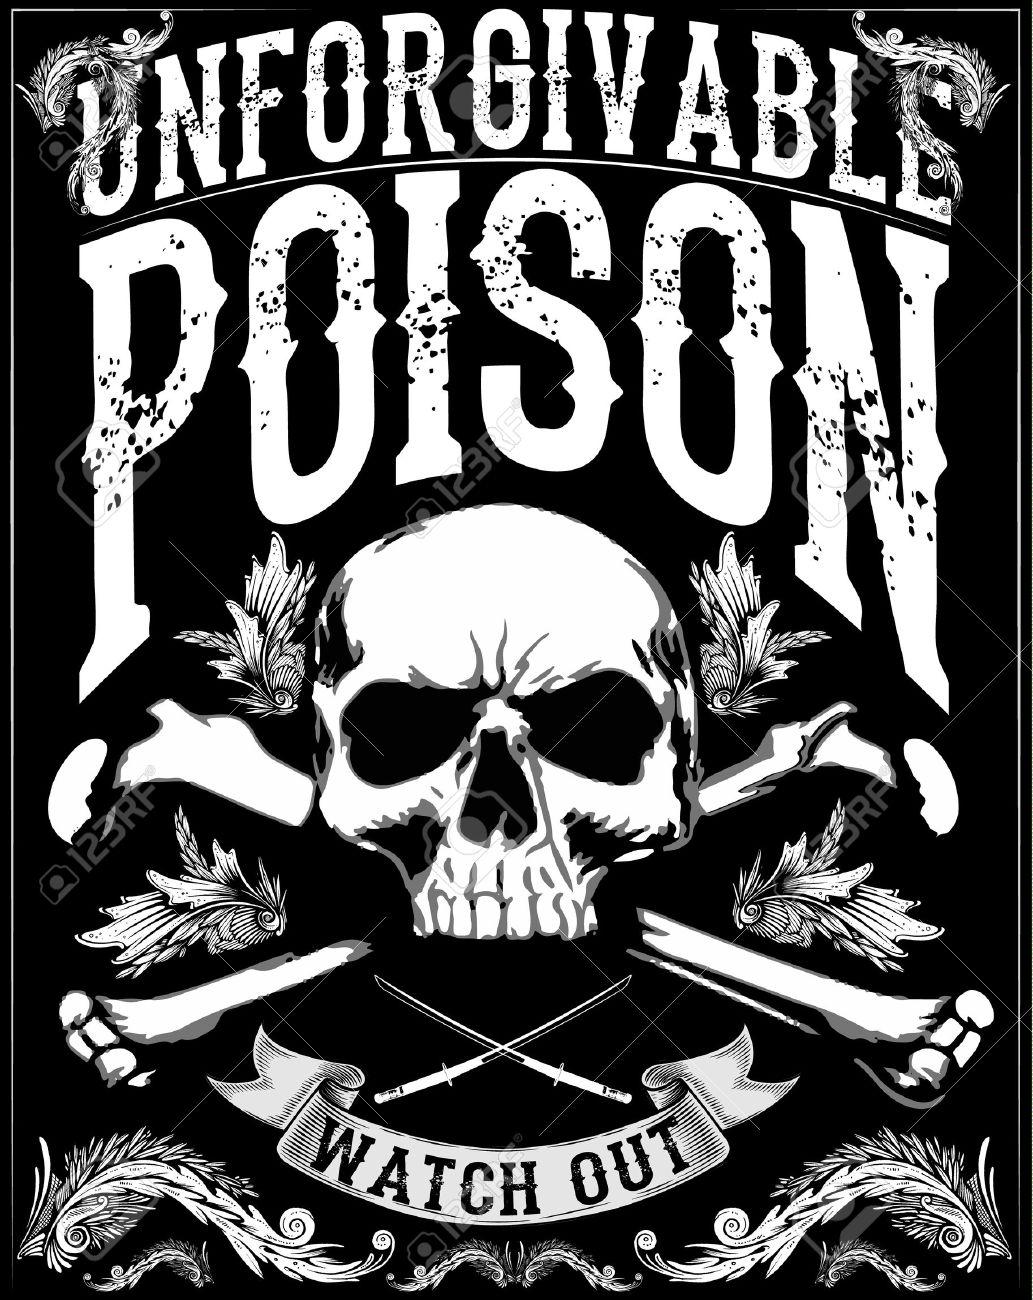 skull print/skull illustration/evil skull/concert posters/skull canvas print/skull tattoo/skull art/watercolor skull/Black grunge vector skull/Human skull on isolated white background/T-shirt Graphics - 55093682